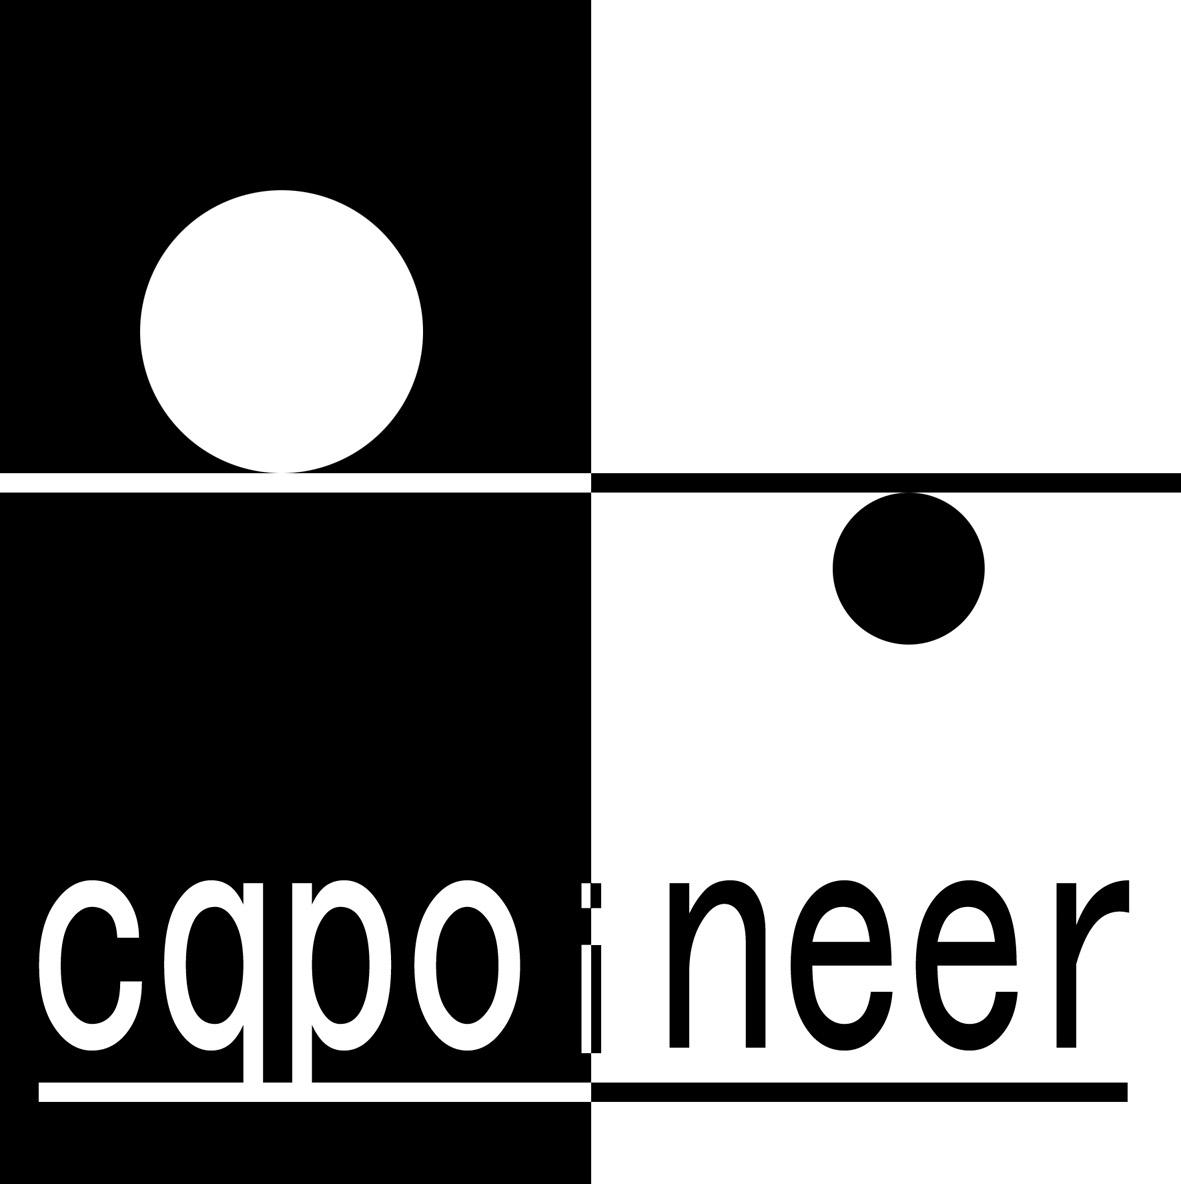 设计餐饮酒楼logo hgcq